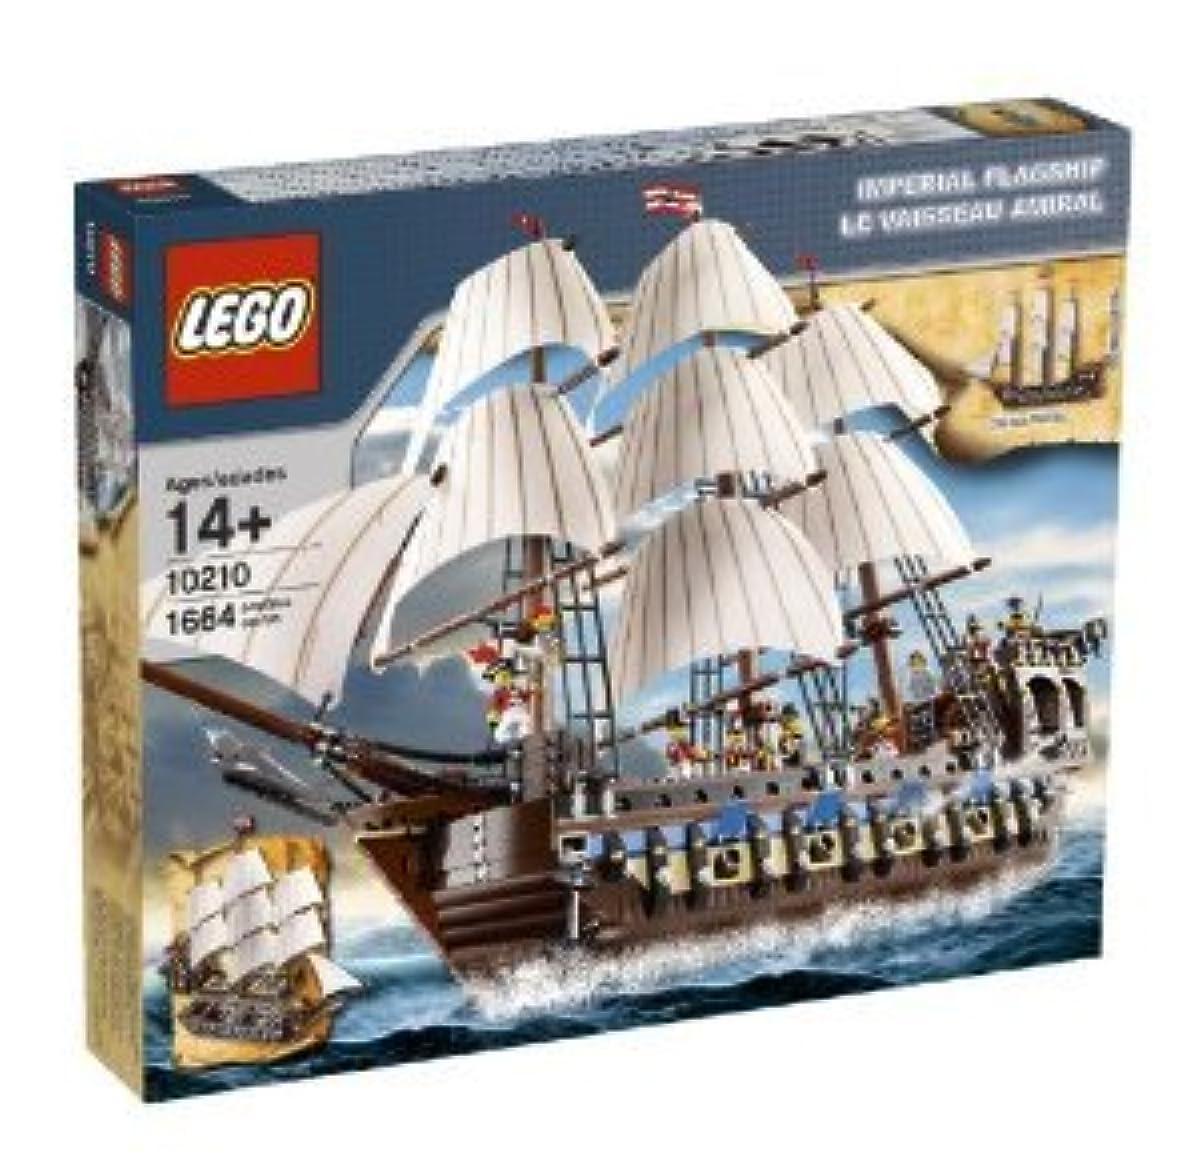 [해외] LEGO (레고) PIRATES IMPERIAL FLAGSHIP (10210) 블럭 장난감 (병행수입)